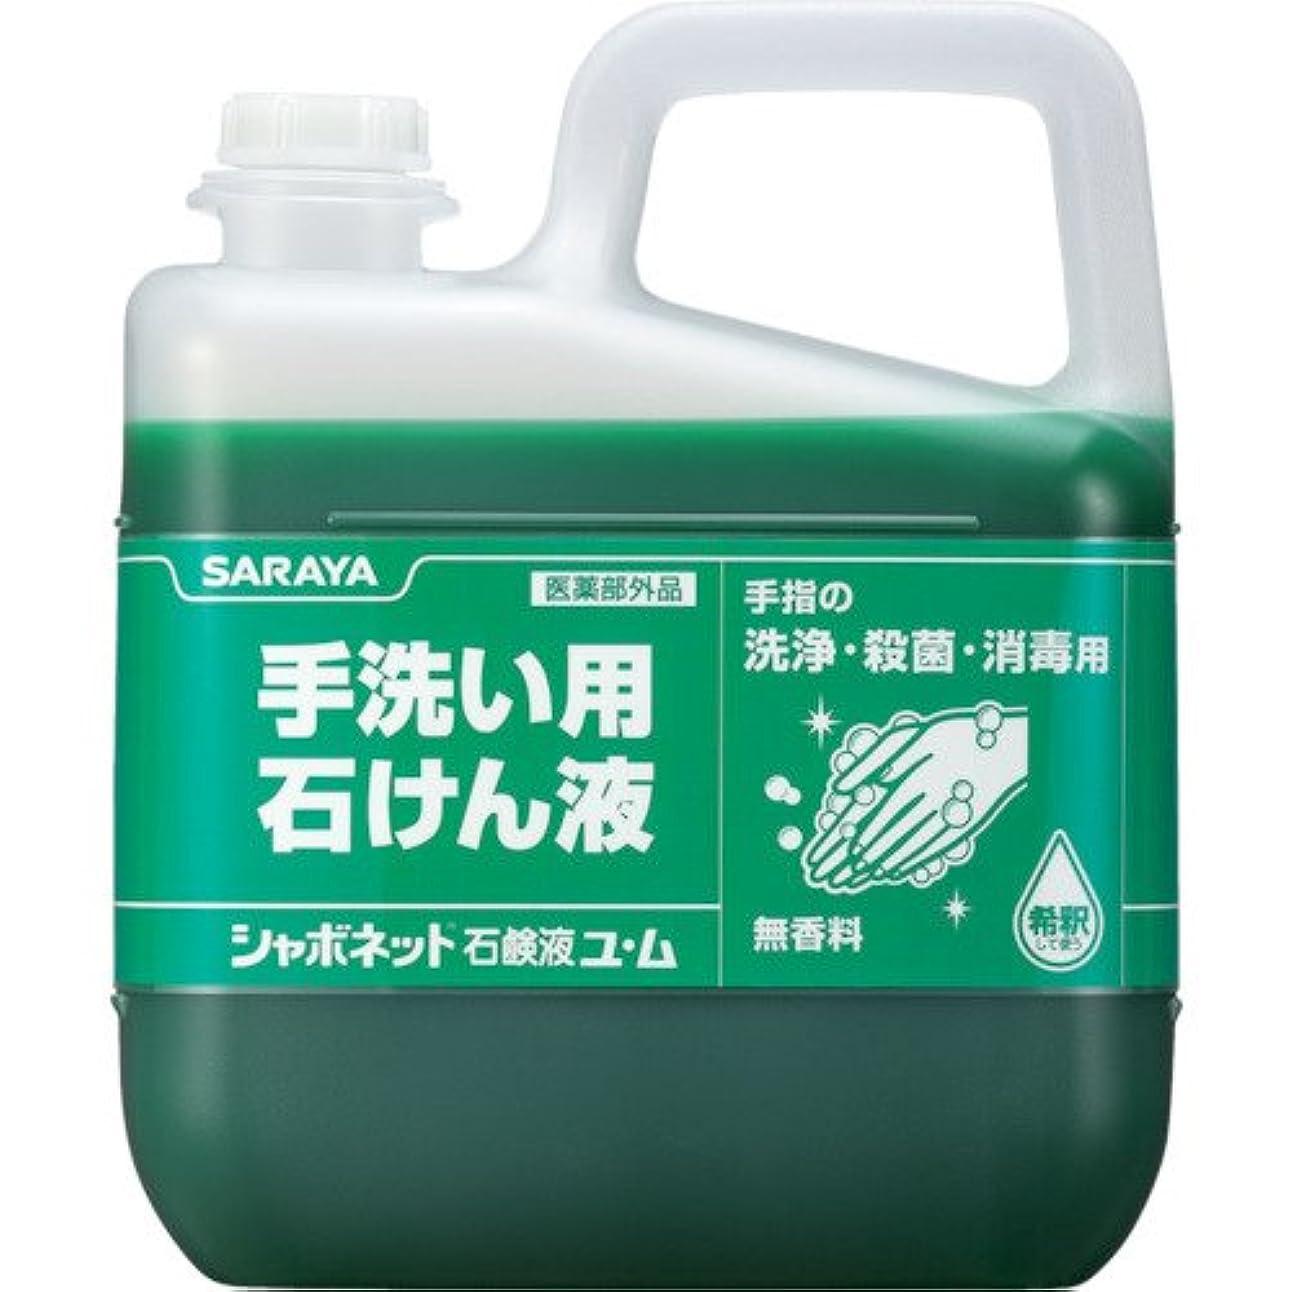 タイマーセッション豆腐サラヤ ハンドソープ シャボネット石鹸液ユ?ム 5kg